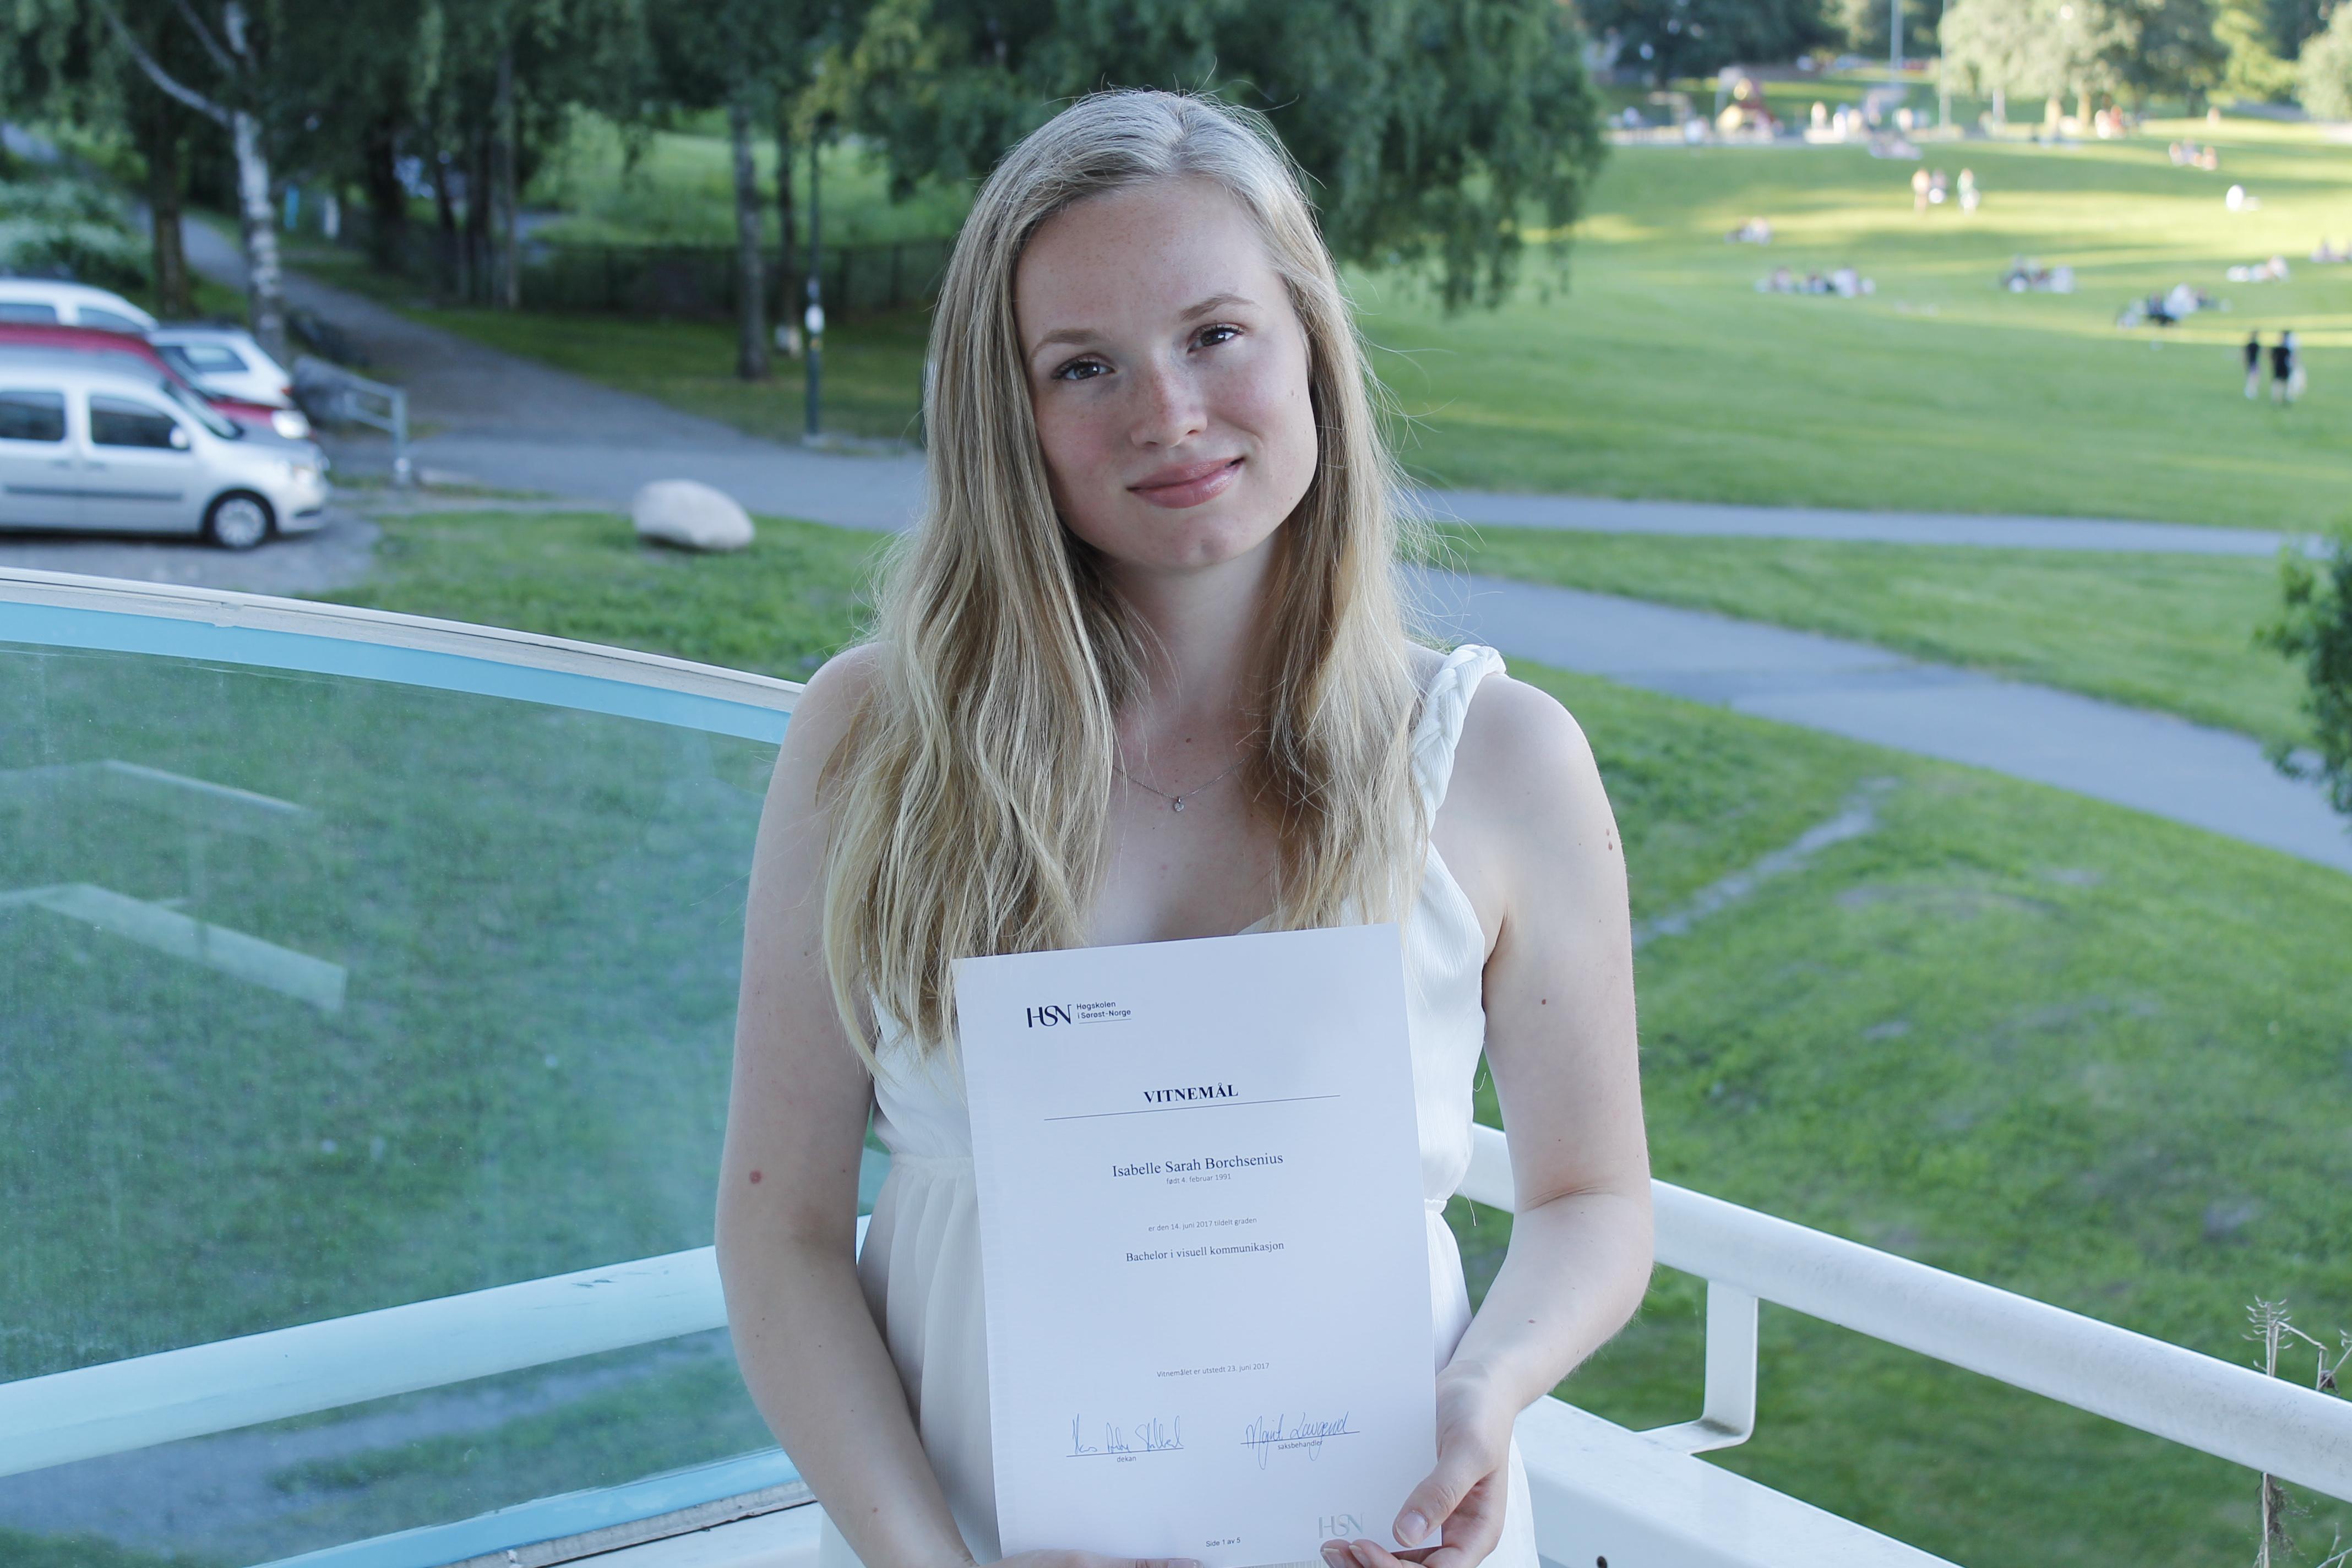 Isabelle_Borchsenius_Graduated